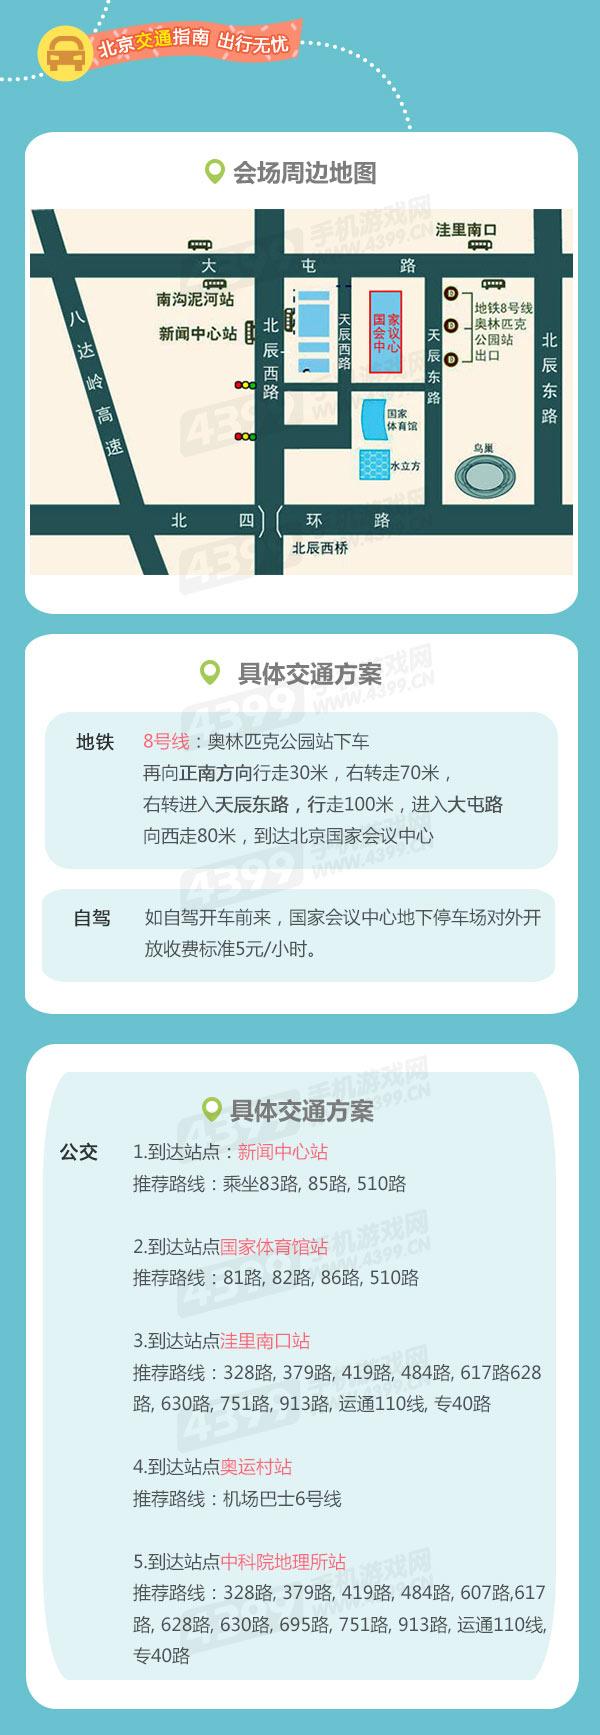 2016国际游戏商务大会北京交通